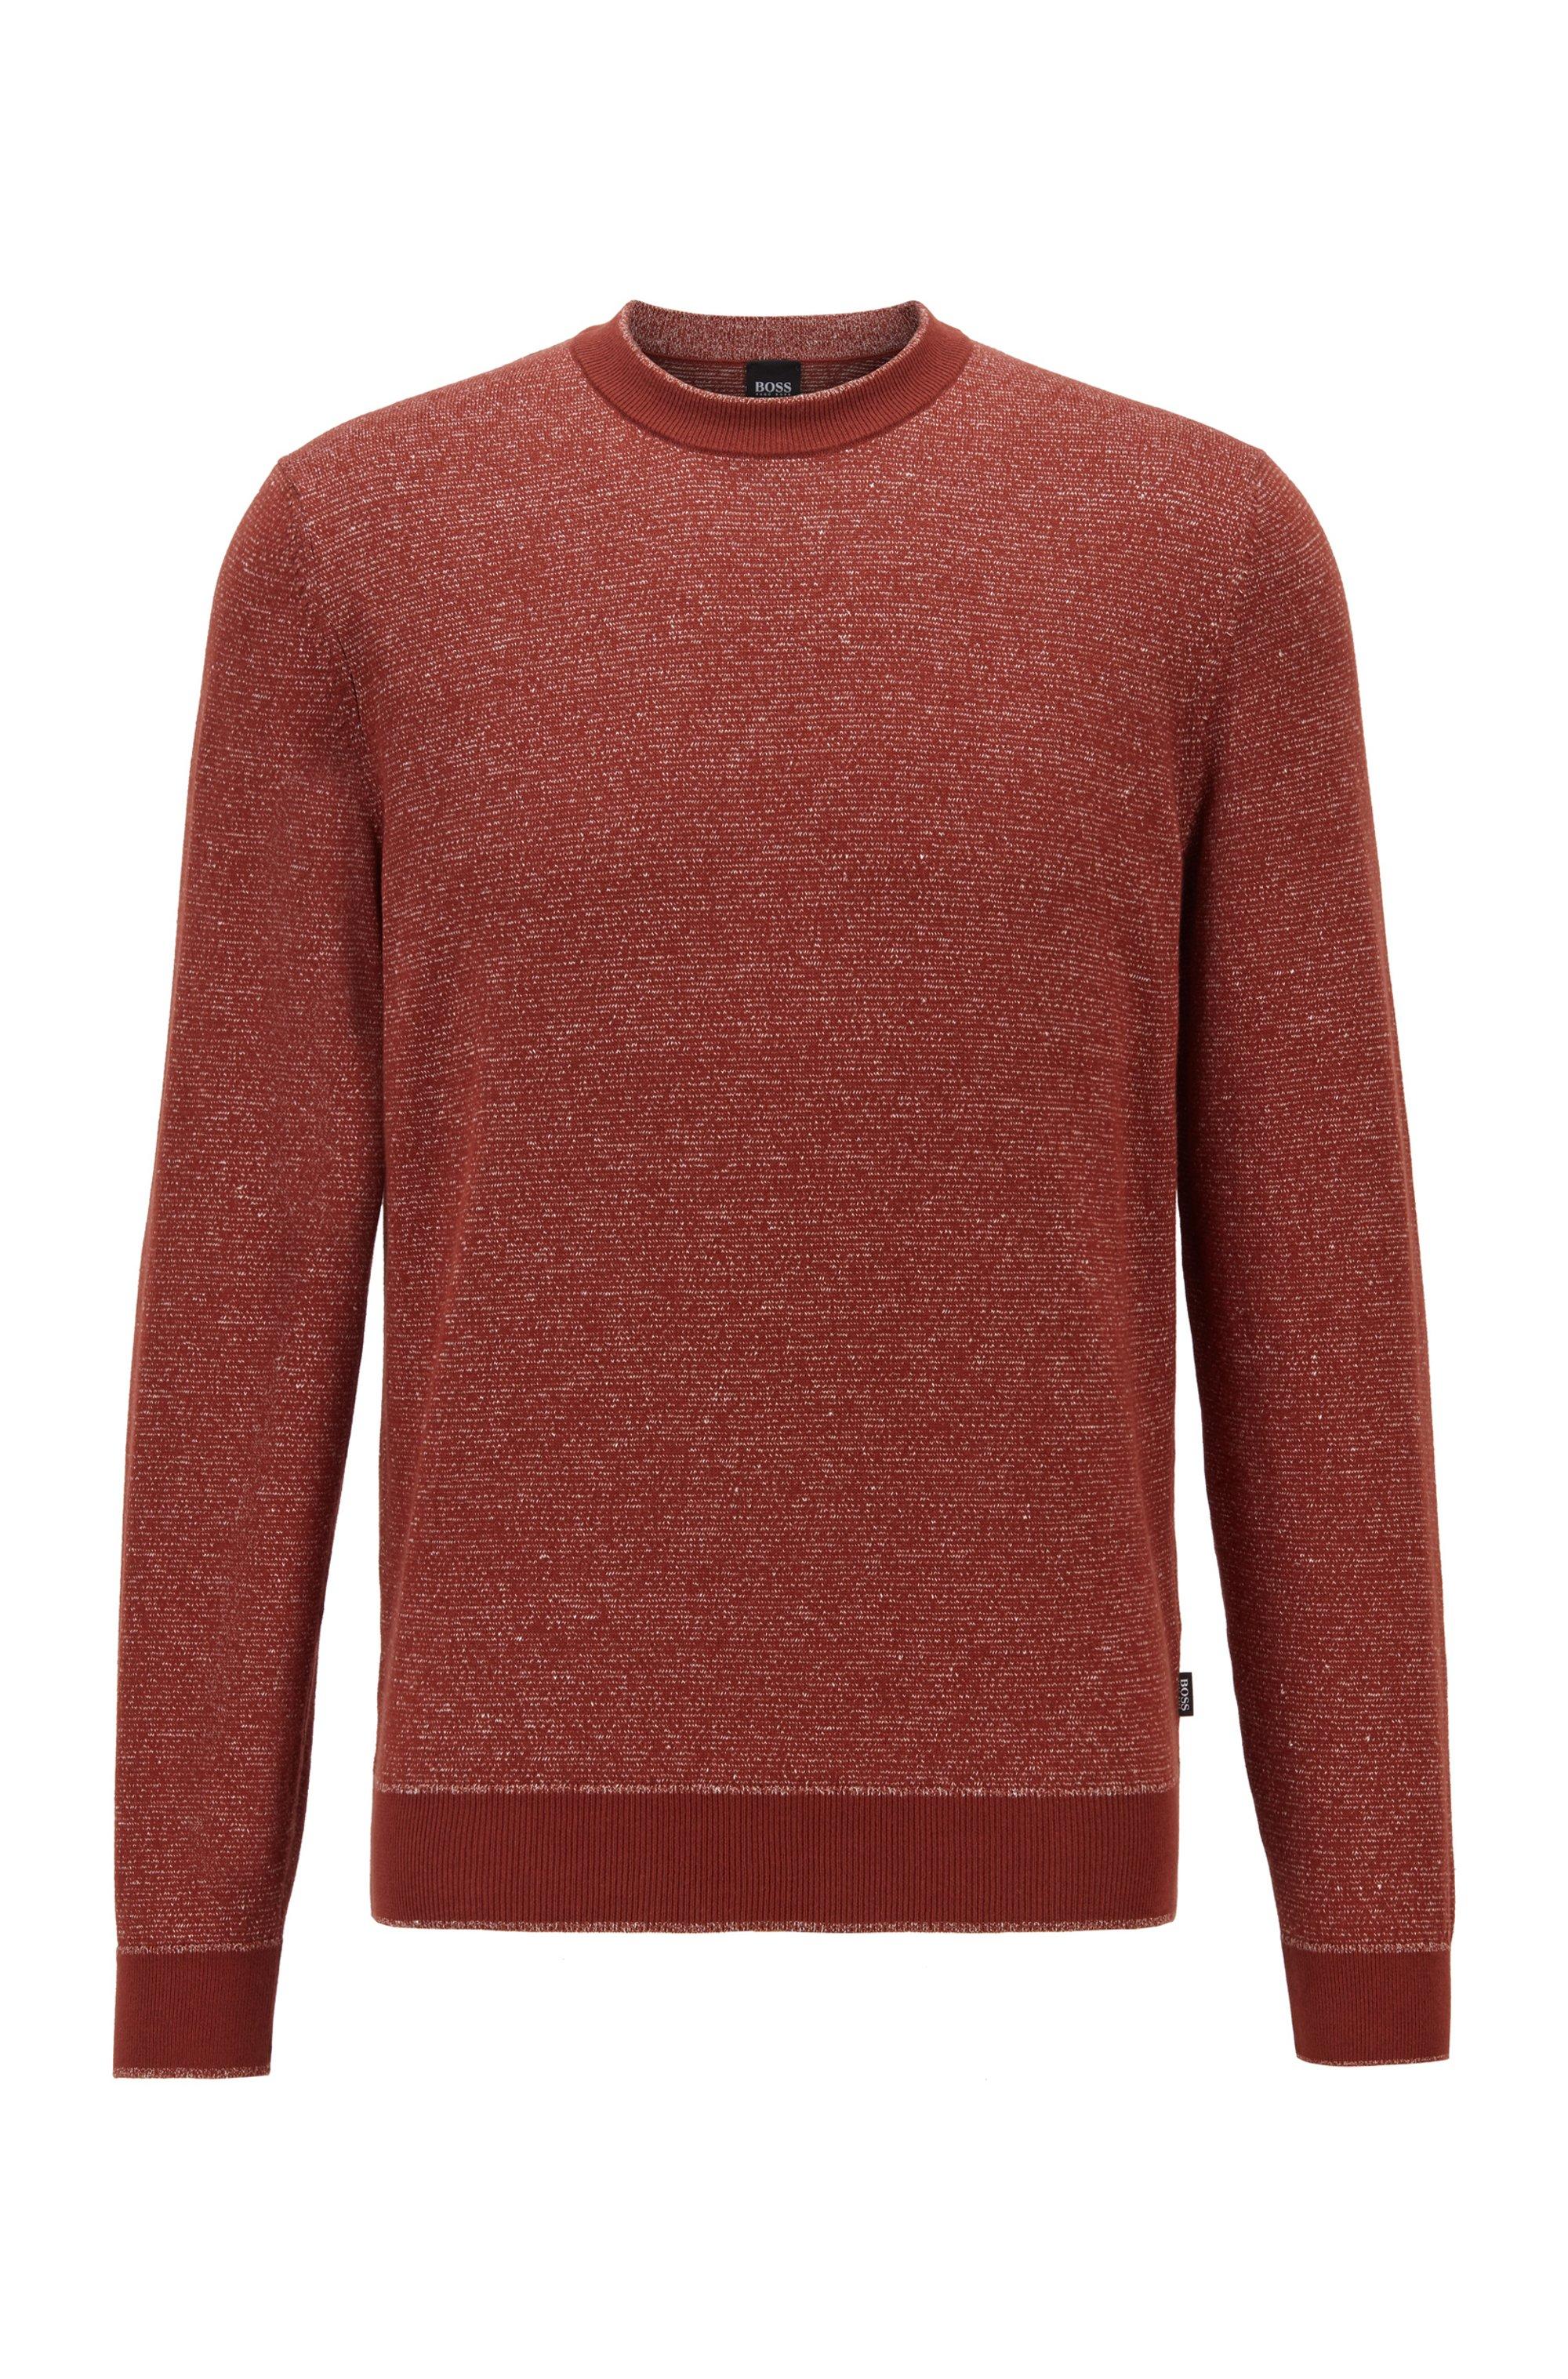 Jersey de lino y algodón con rayas mouliné, Marrón